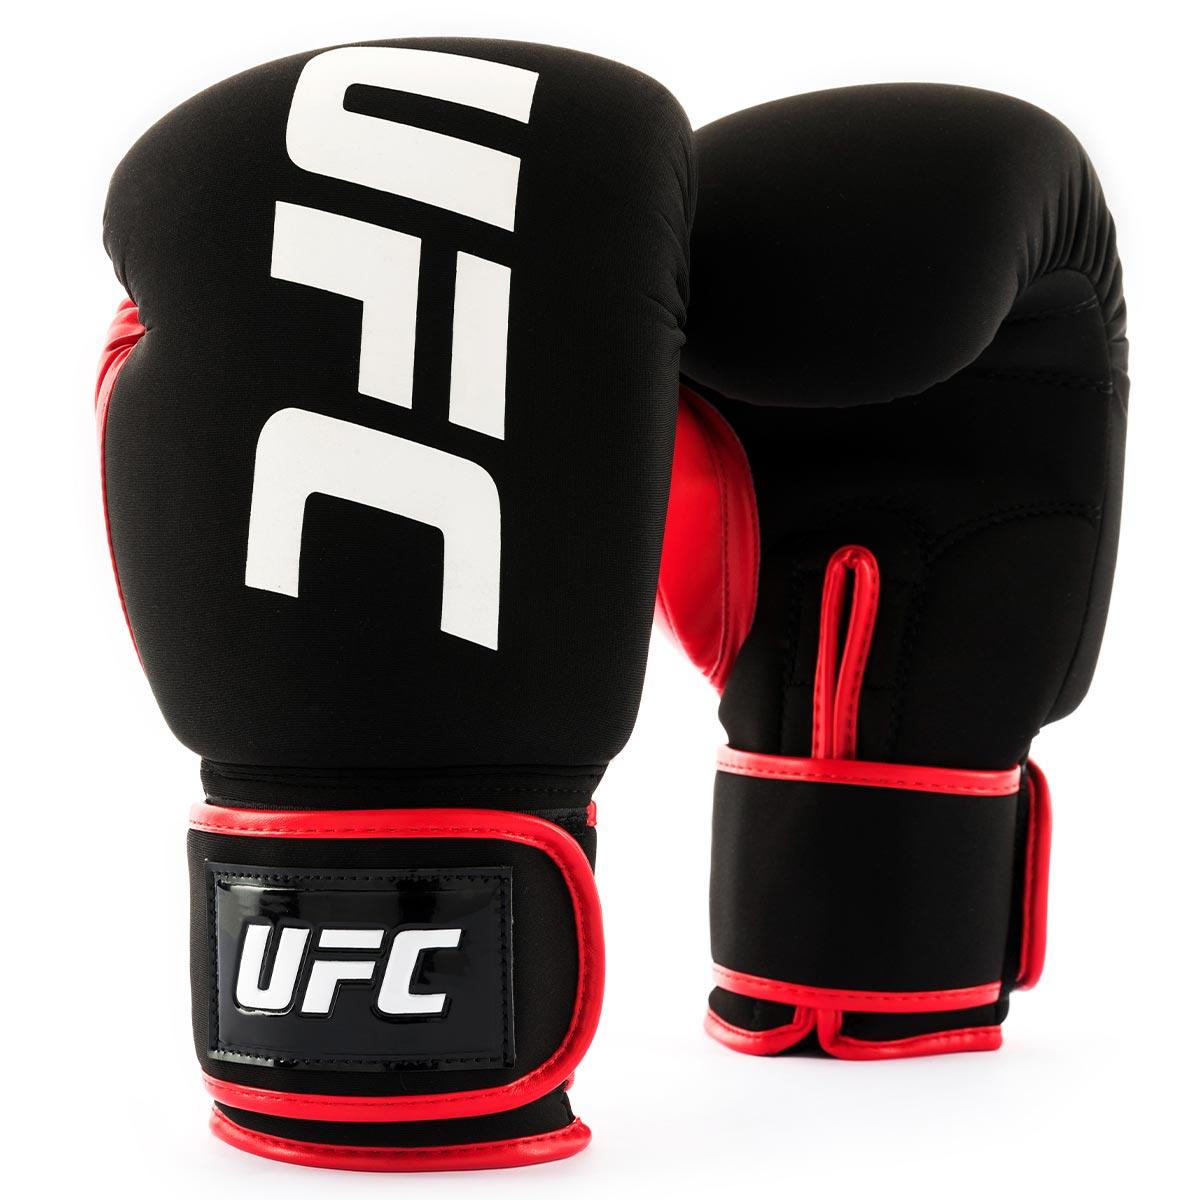 UFC PRO-頂級訓練拳套_紅/黑